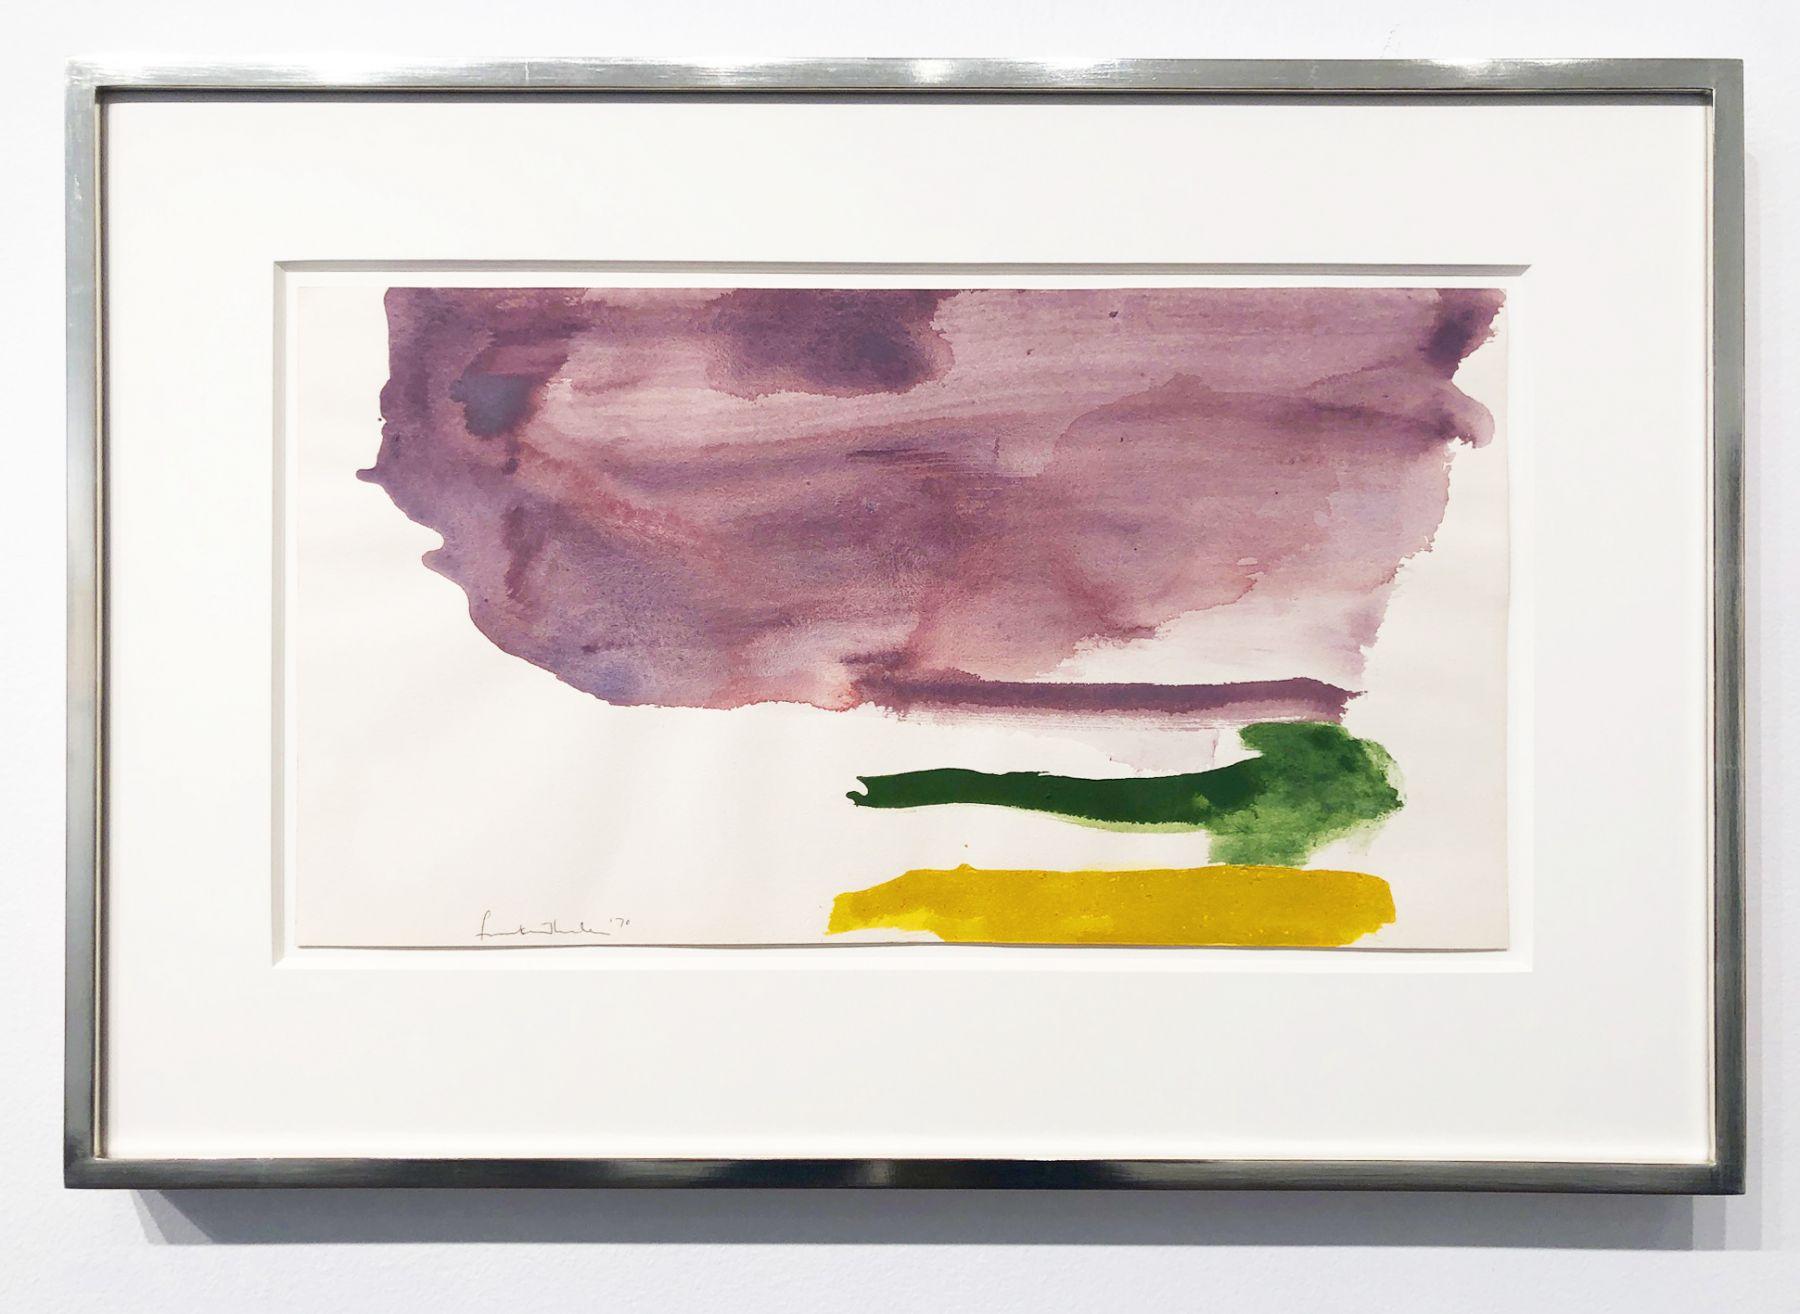 Helen Frankenthaler, Untitled, 1970